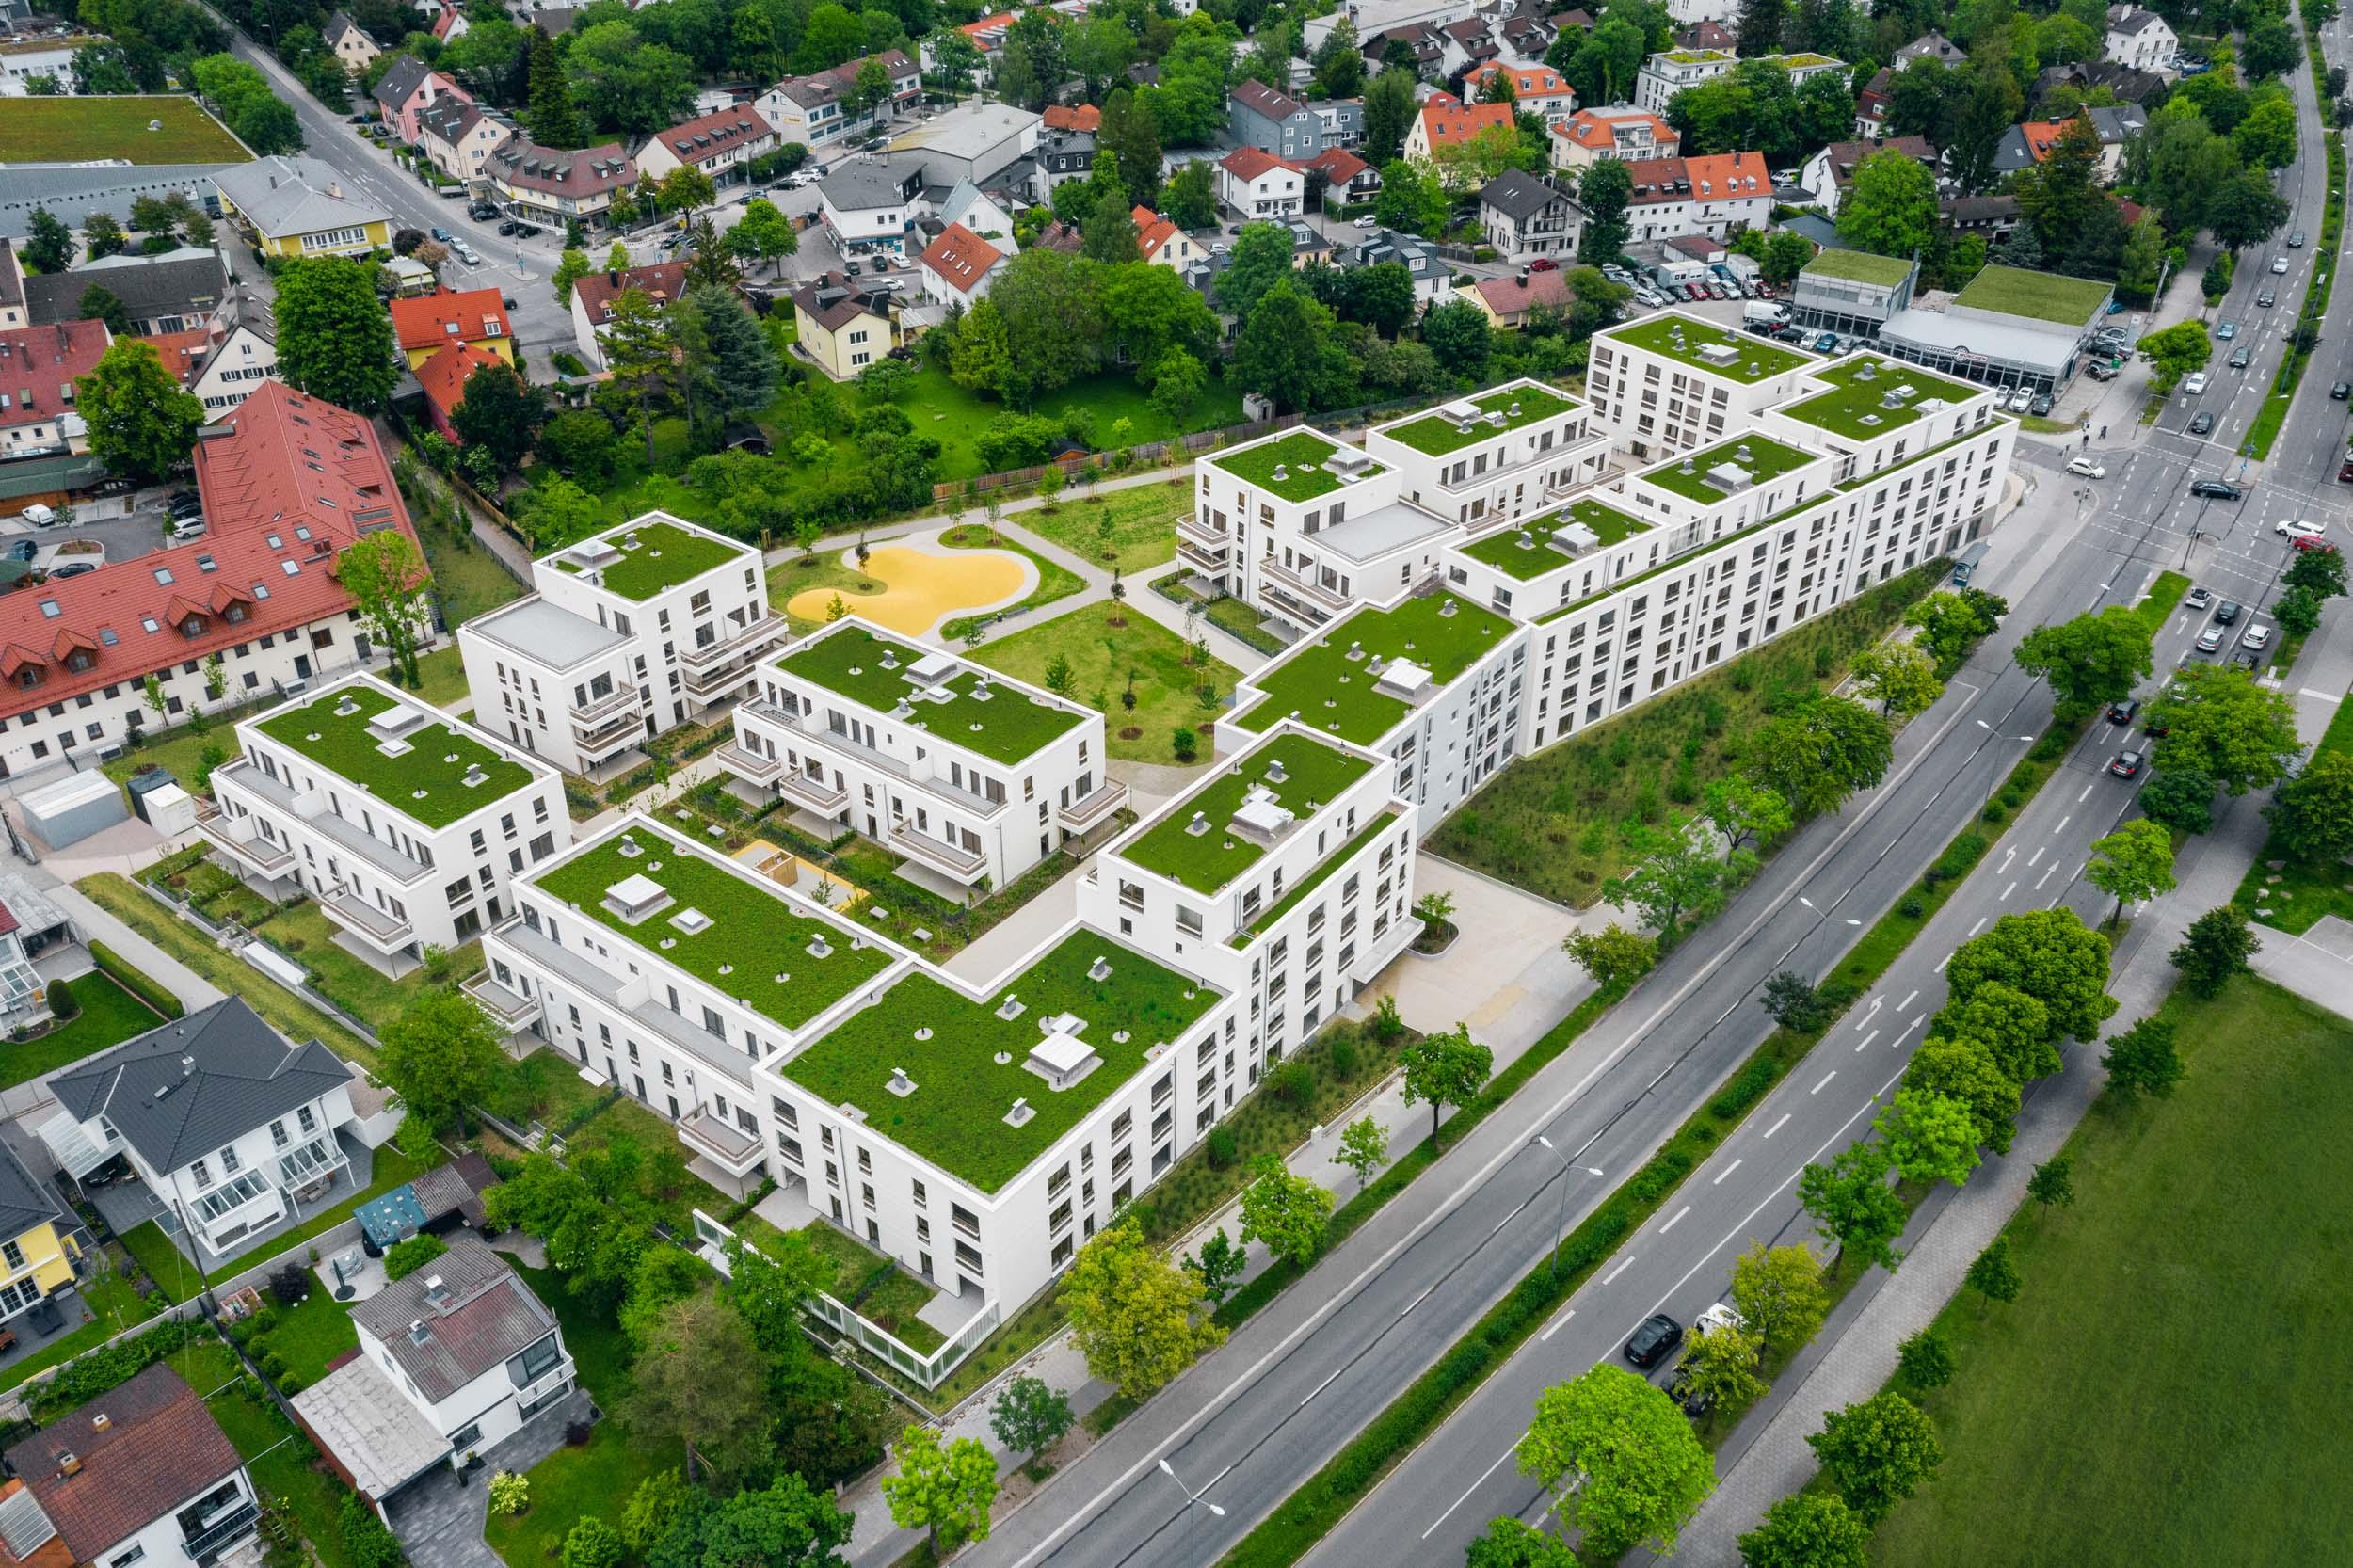 Gustav-Epple-Bauunternehmung-Tru-Living-München-Wohnbau-2020-TruLiving_DJI_0738#00